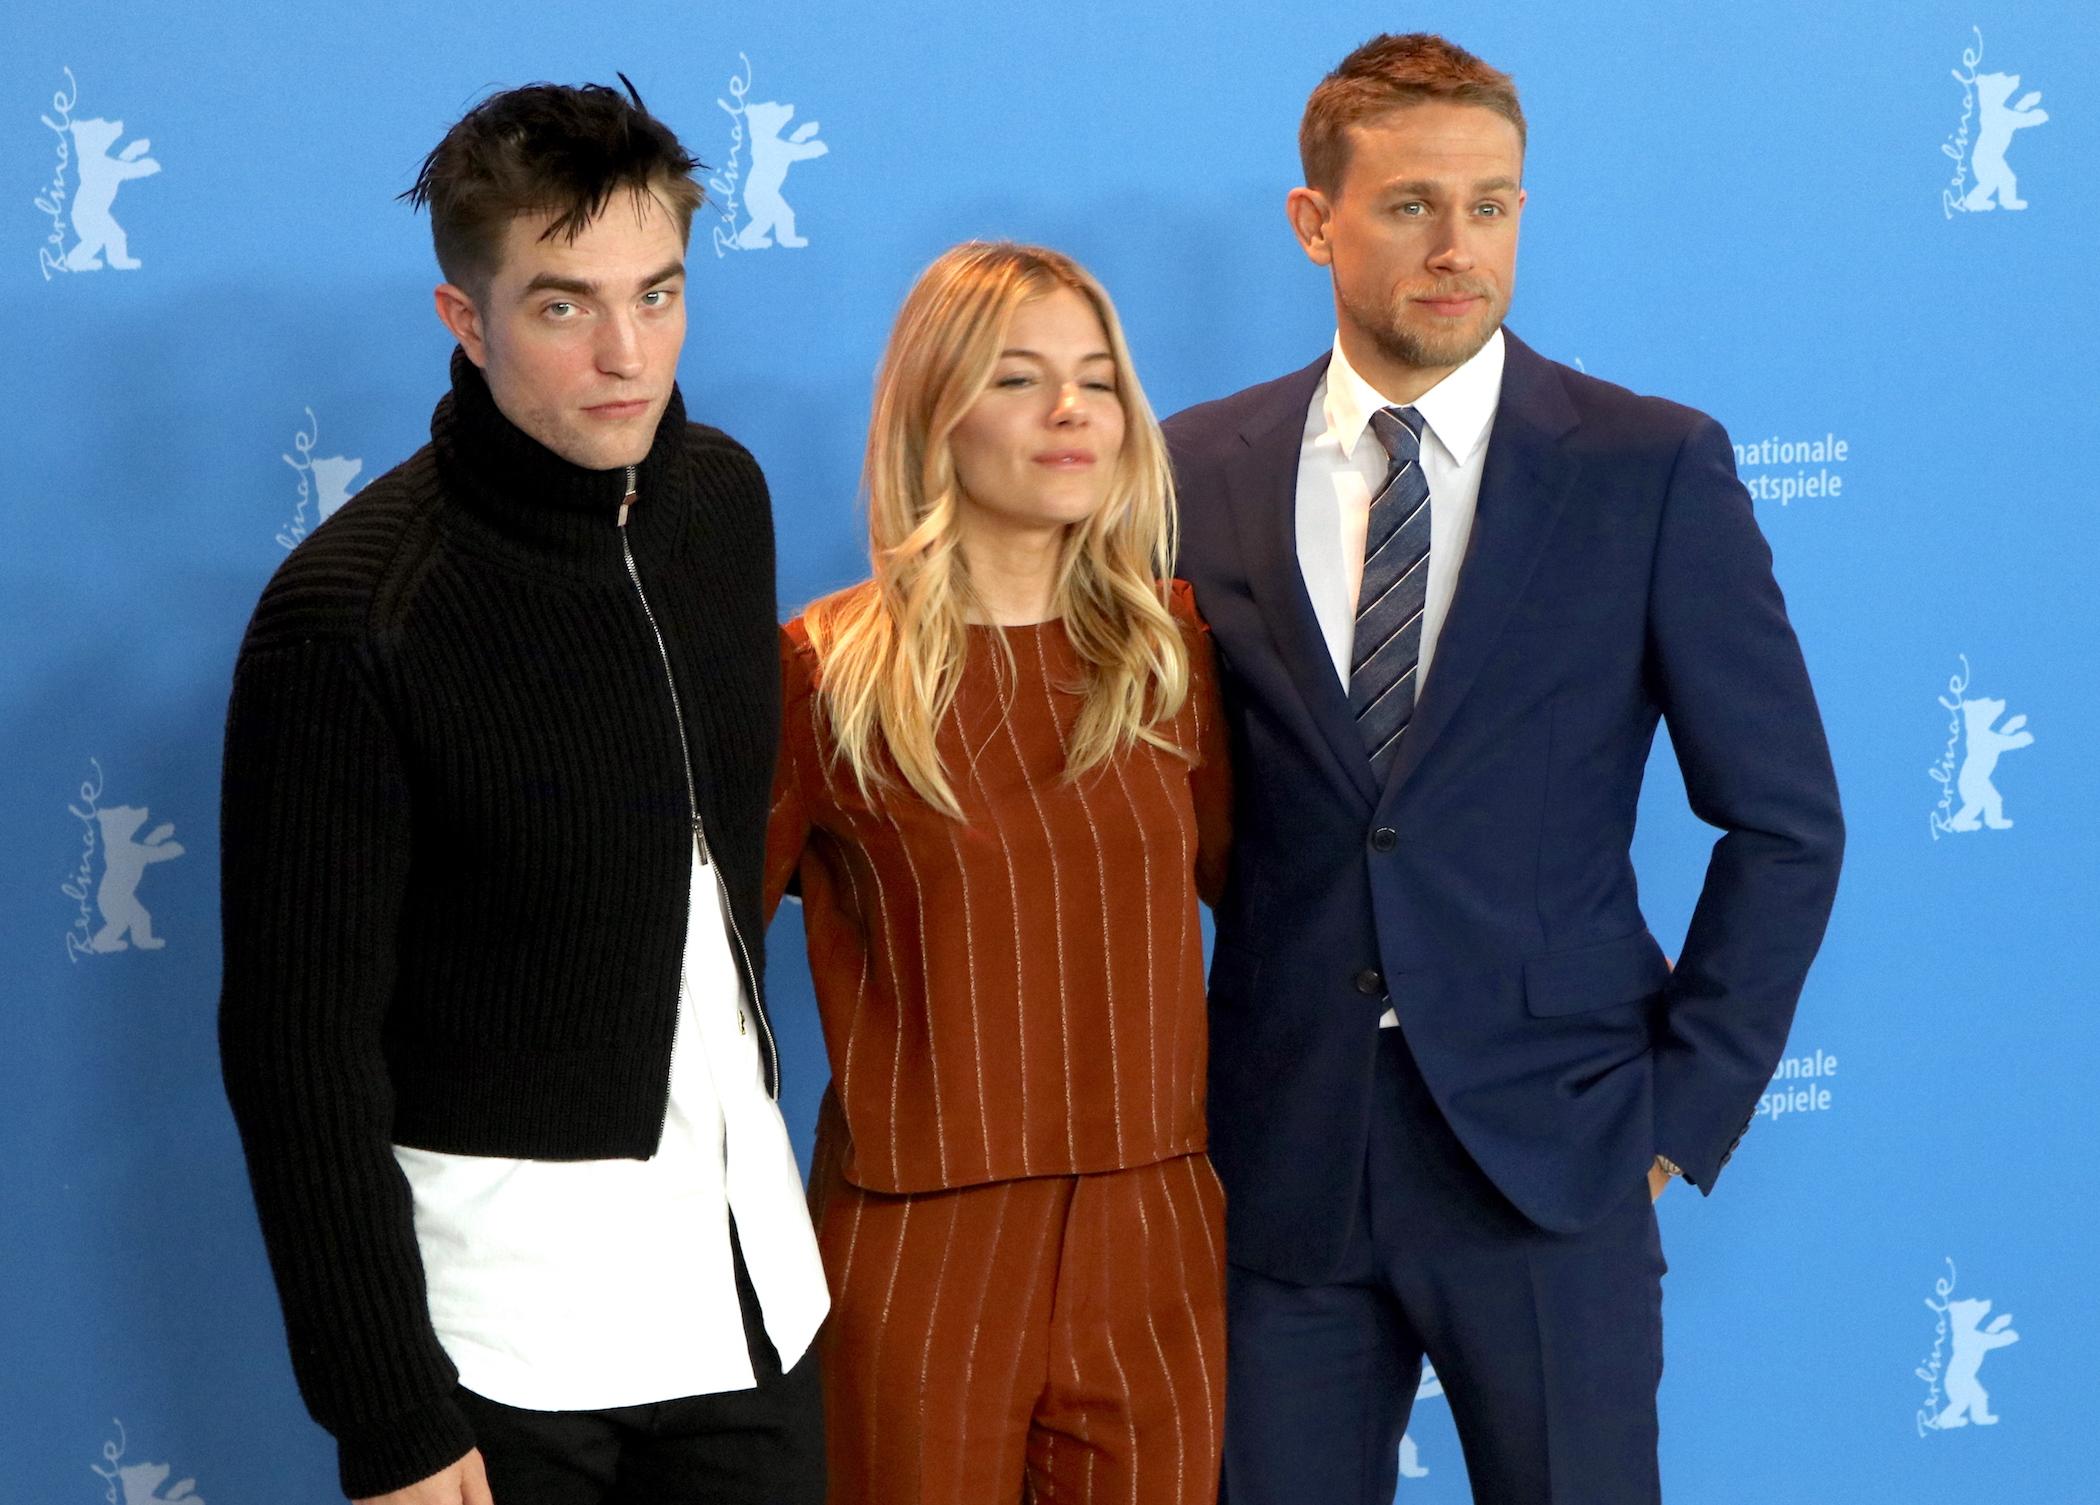 Berlino 2017: uno scatto di Robert Pattinson, Sienna Miller e Charlie Hunnam al photocall di Z - la città perduta